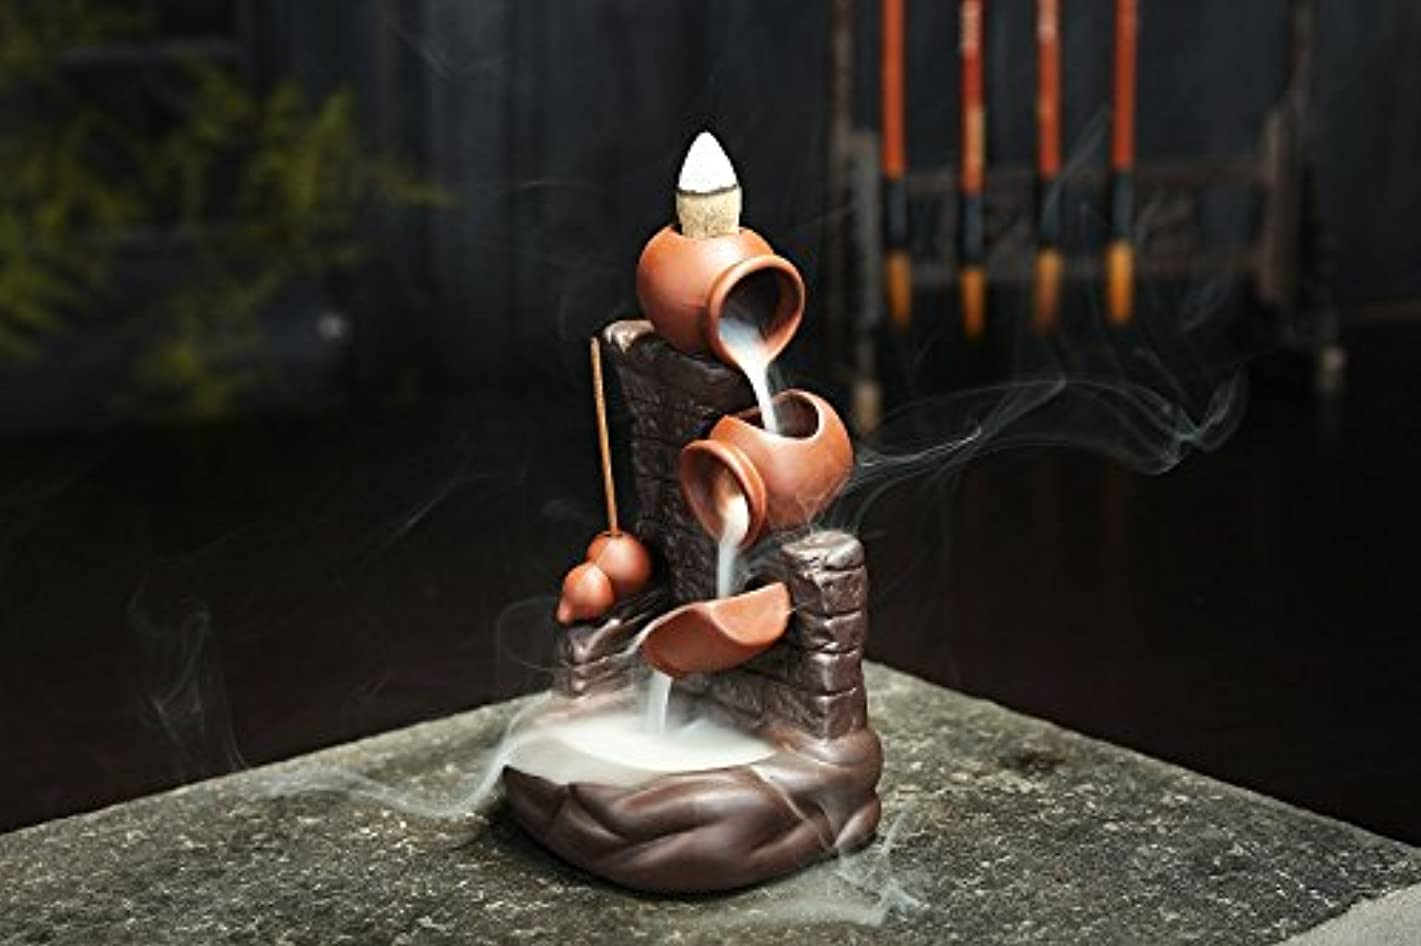 はずゴルフ服を洗う(Style 29) - Gift Pro Ceramic Backflow Incense Tower Burner Statue Figurine Incense Holder Incenses Not Included (Style 29)